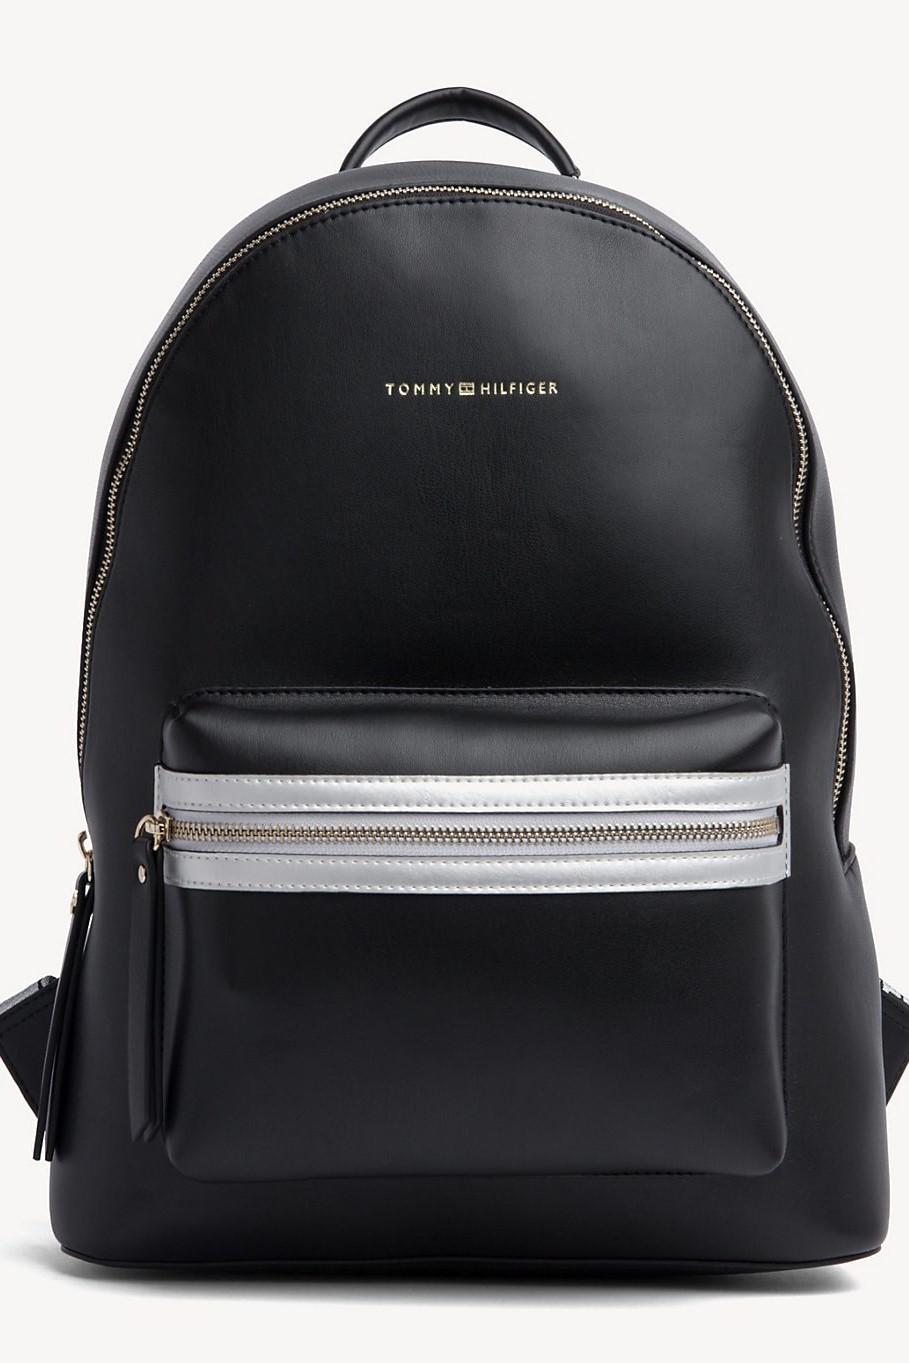 ... Tommy Hilfiger černý batoh Iconic Tommy Backpack Black. -5% Nové ... ef3e99c5ad